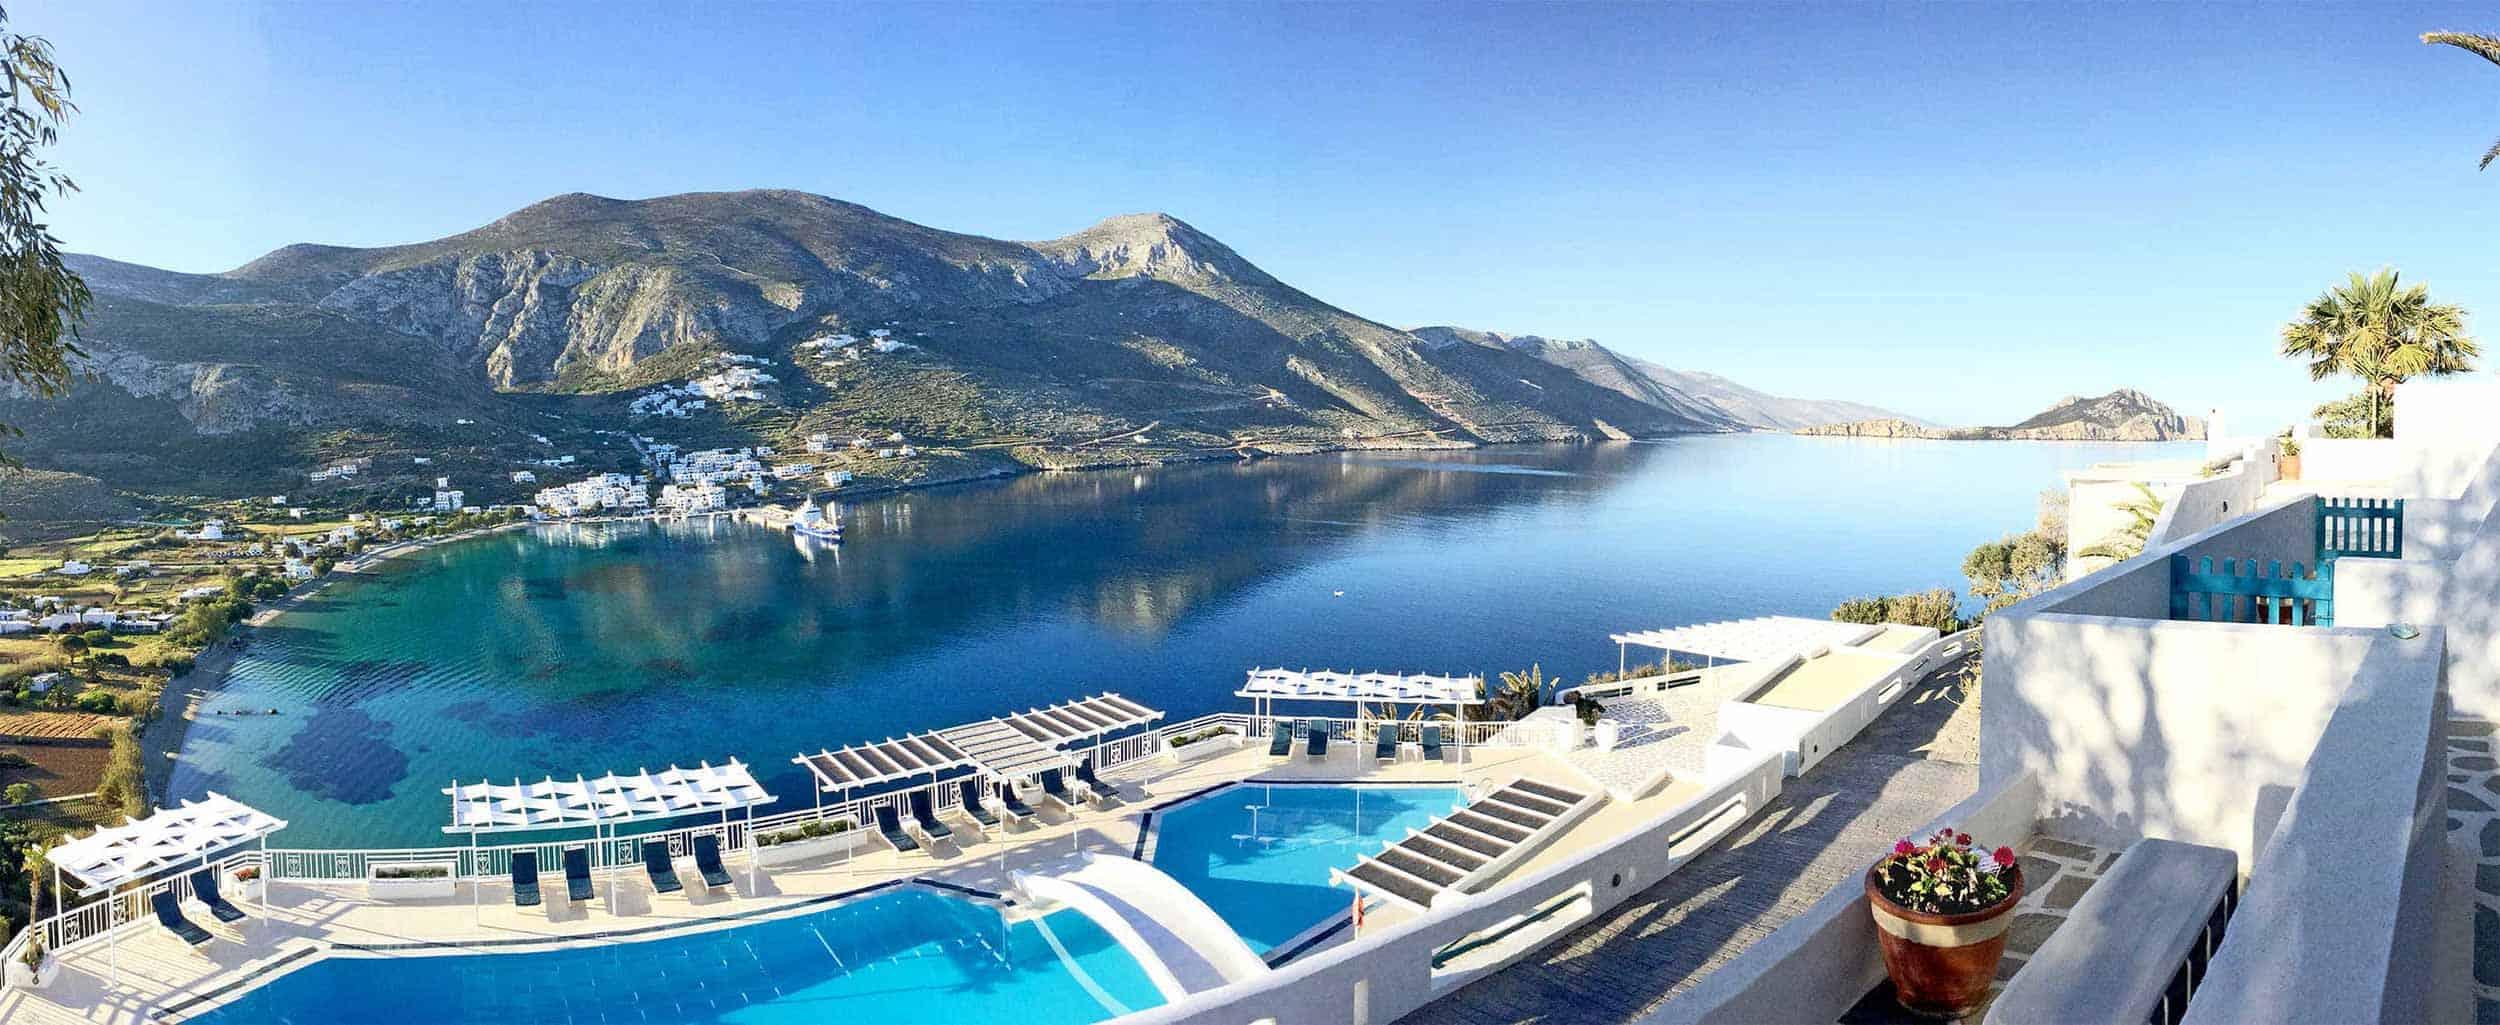 aegialis-hotel-and-spa-aegean-greece